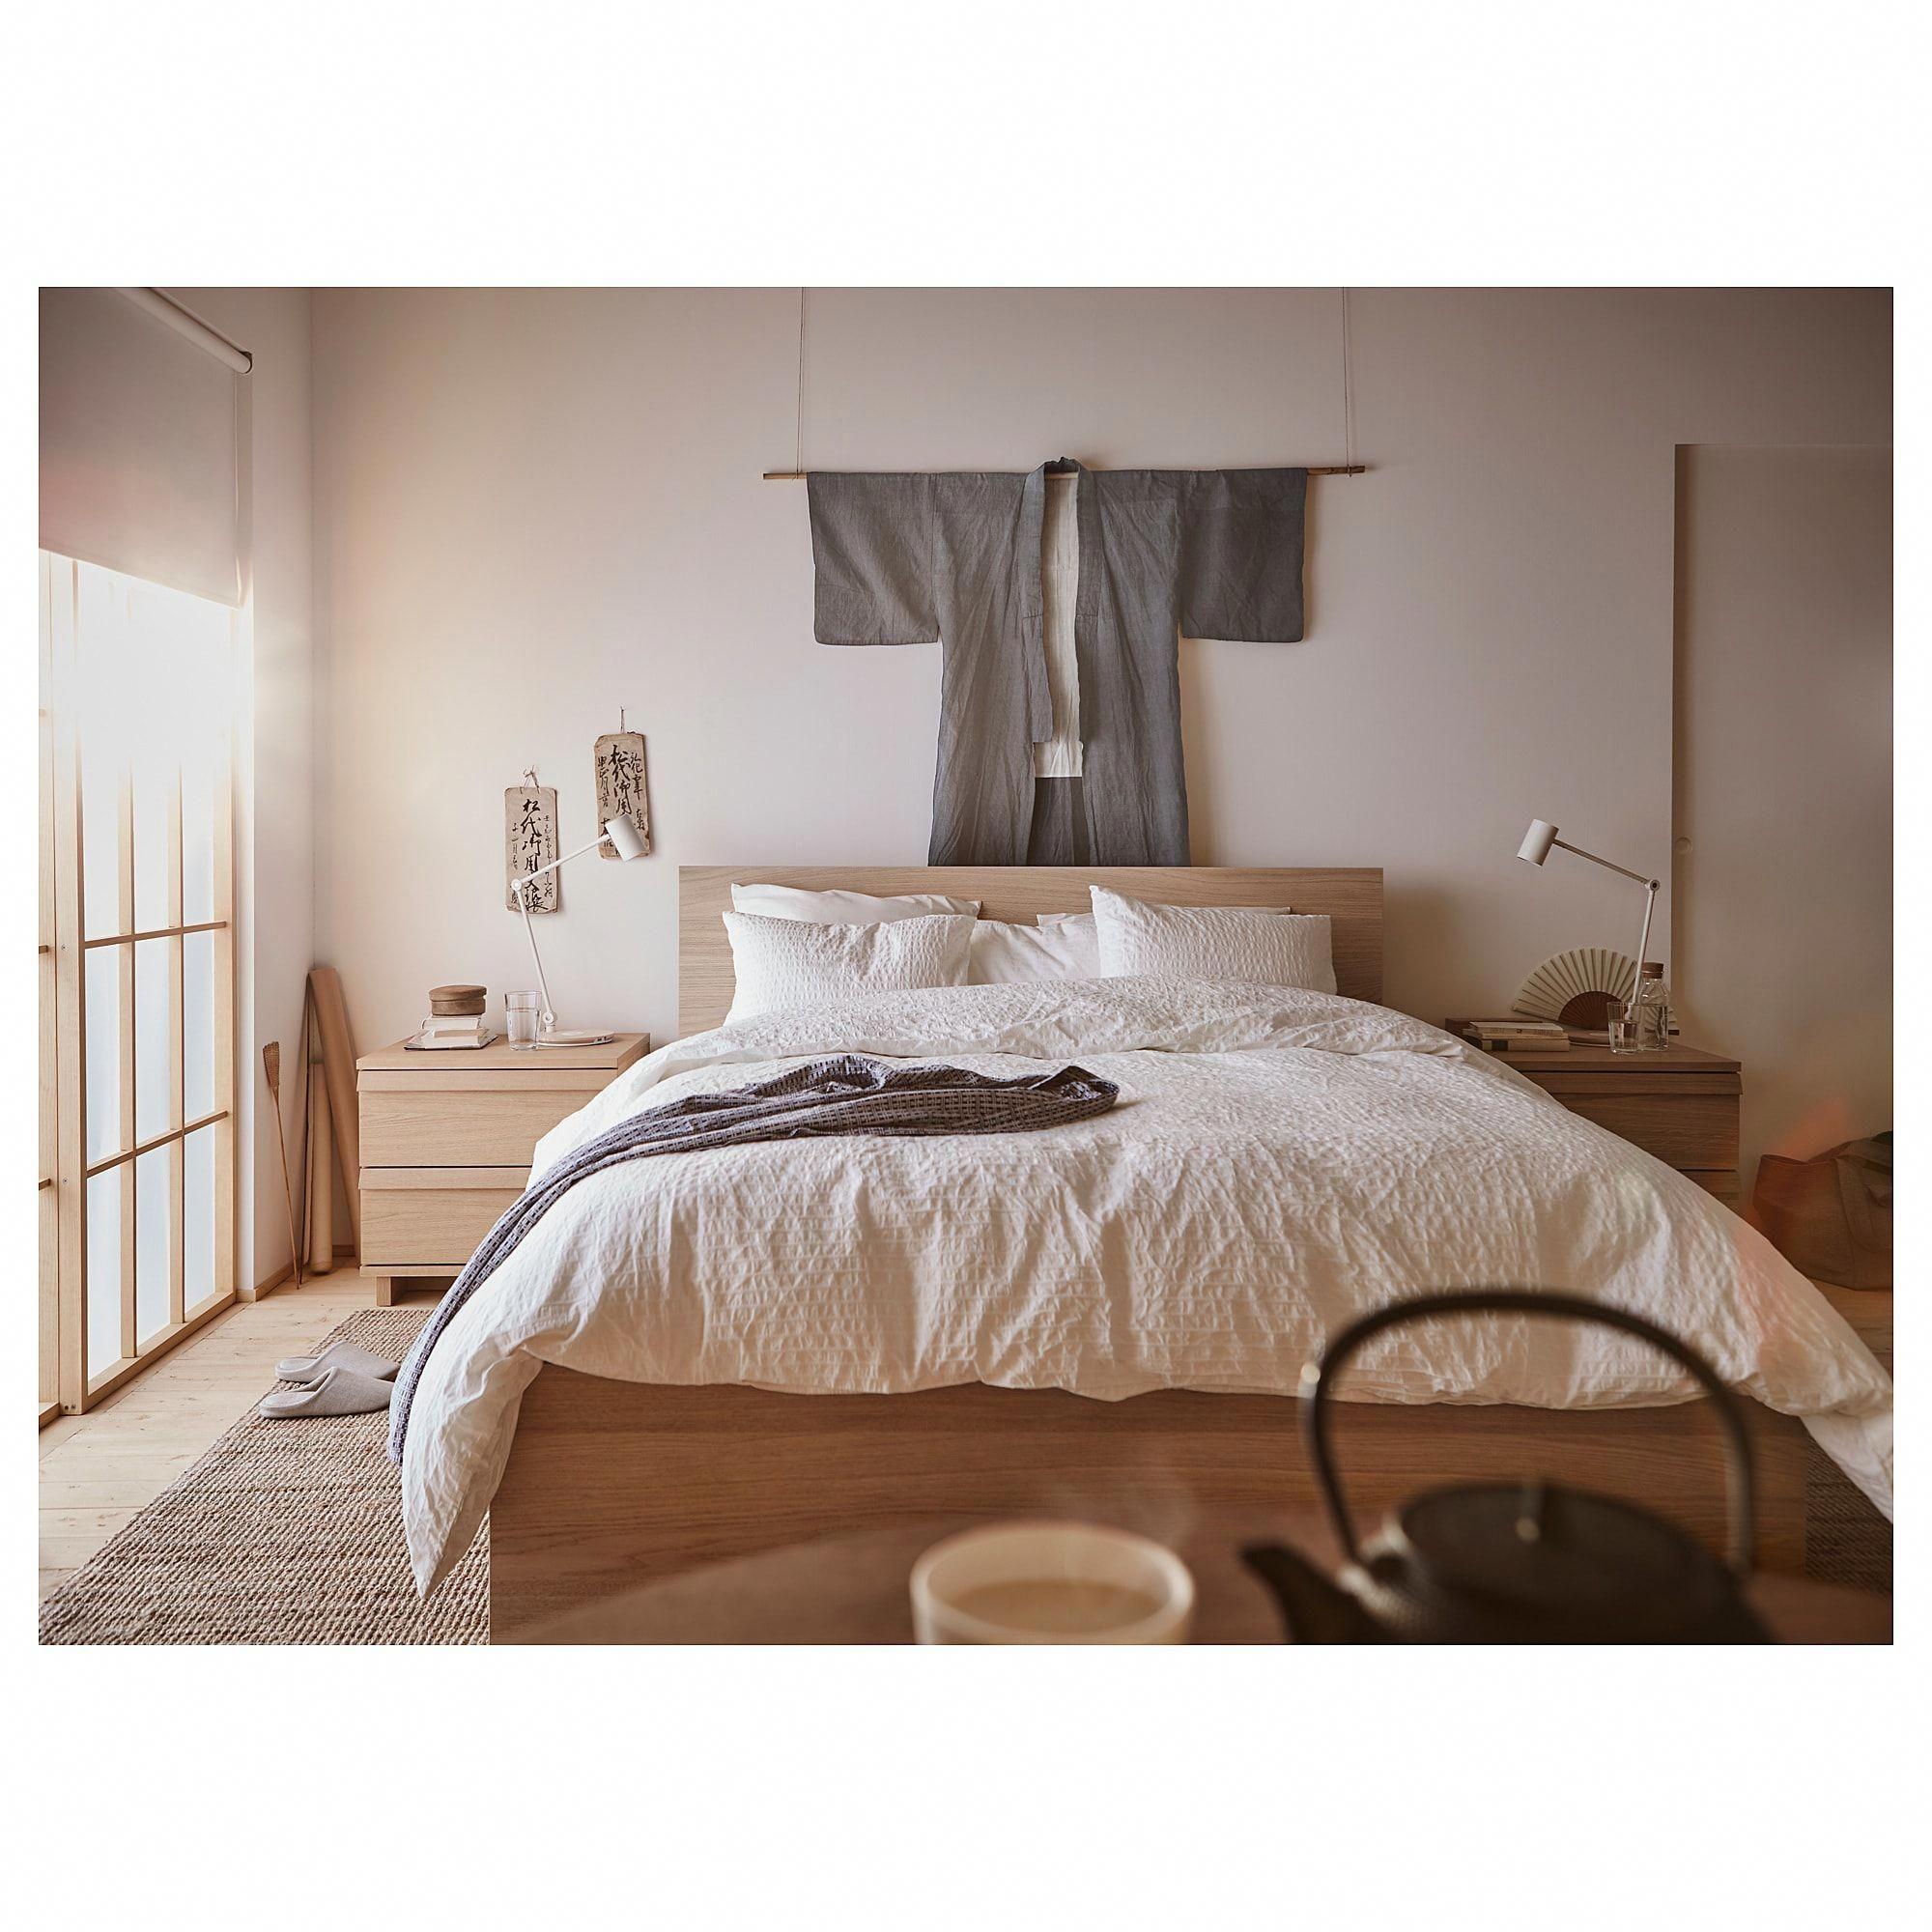 Malm Bed Frame High White Stained Oak Veneer Lonset Full